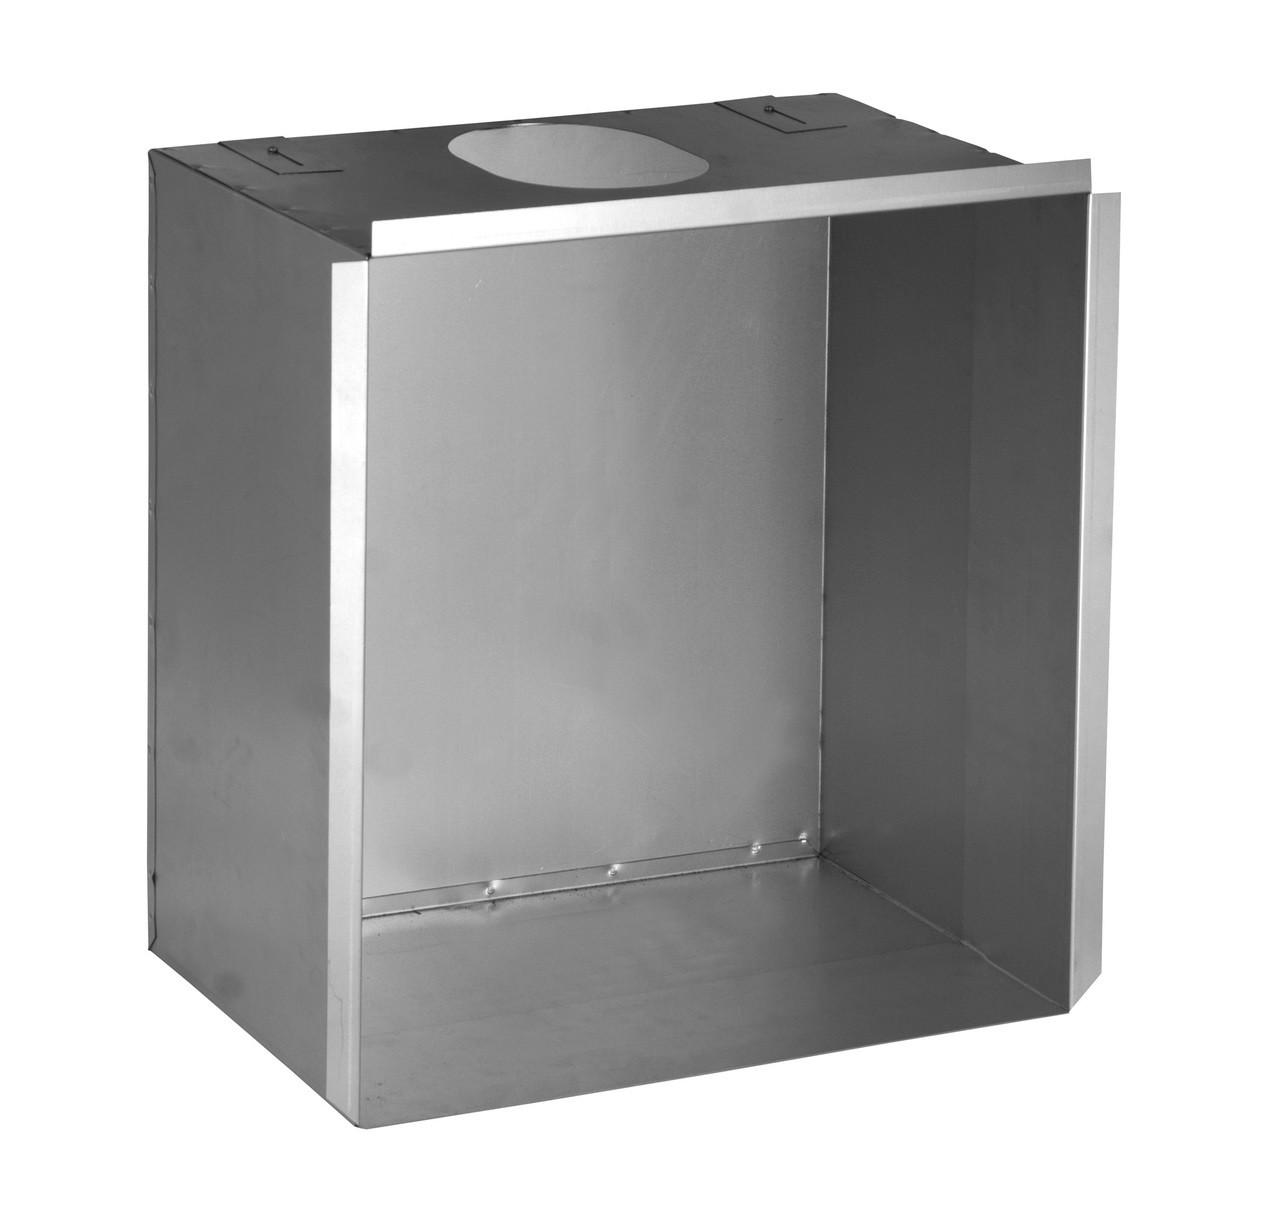 Large Flue Box for Back Boiler 125mm